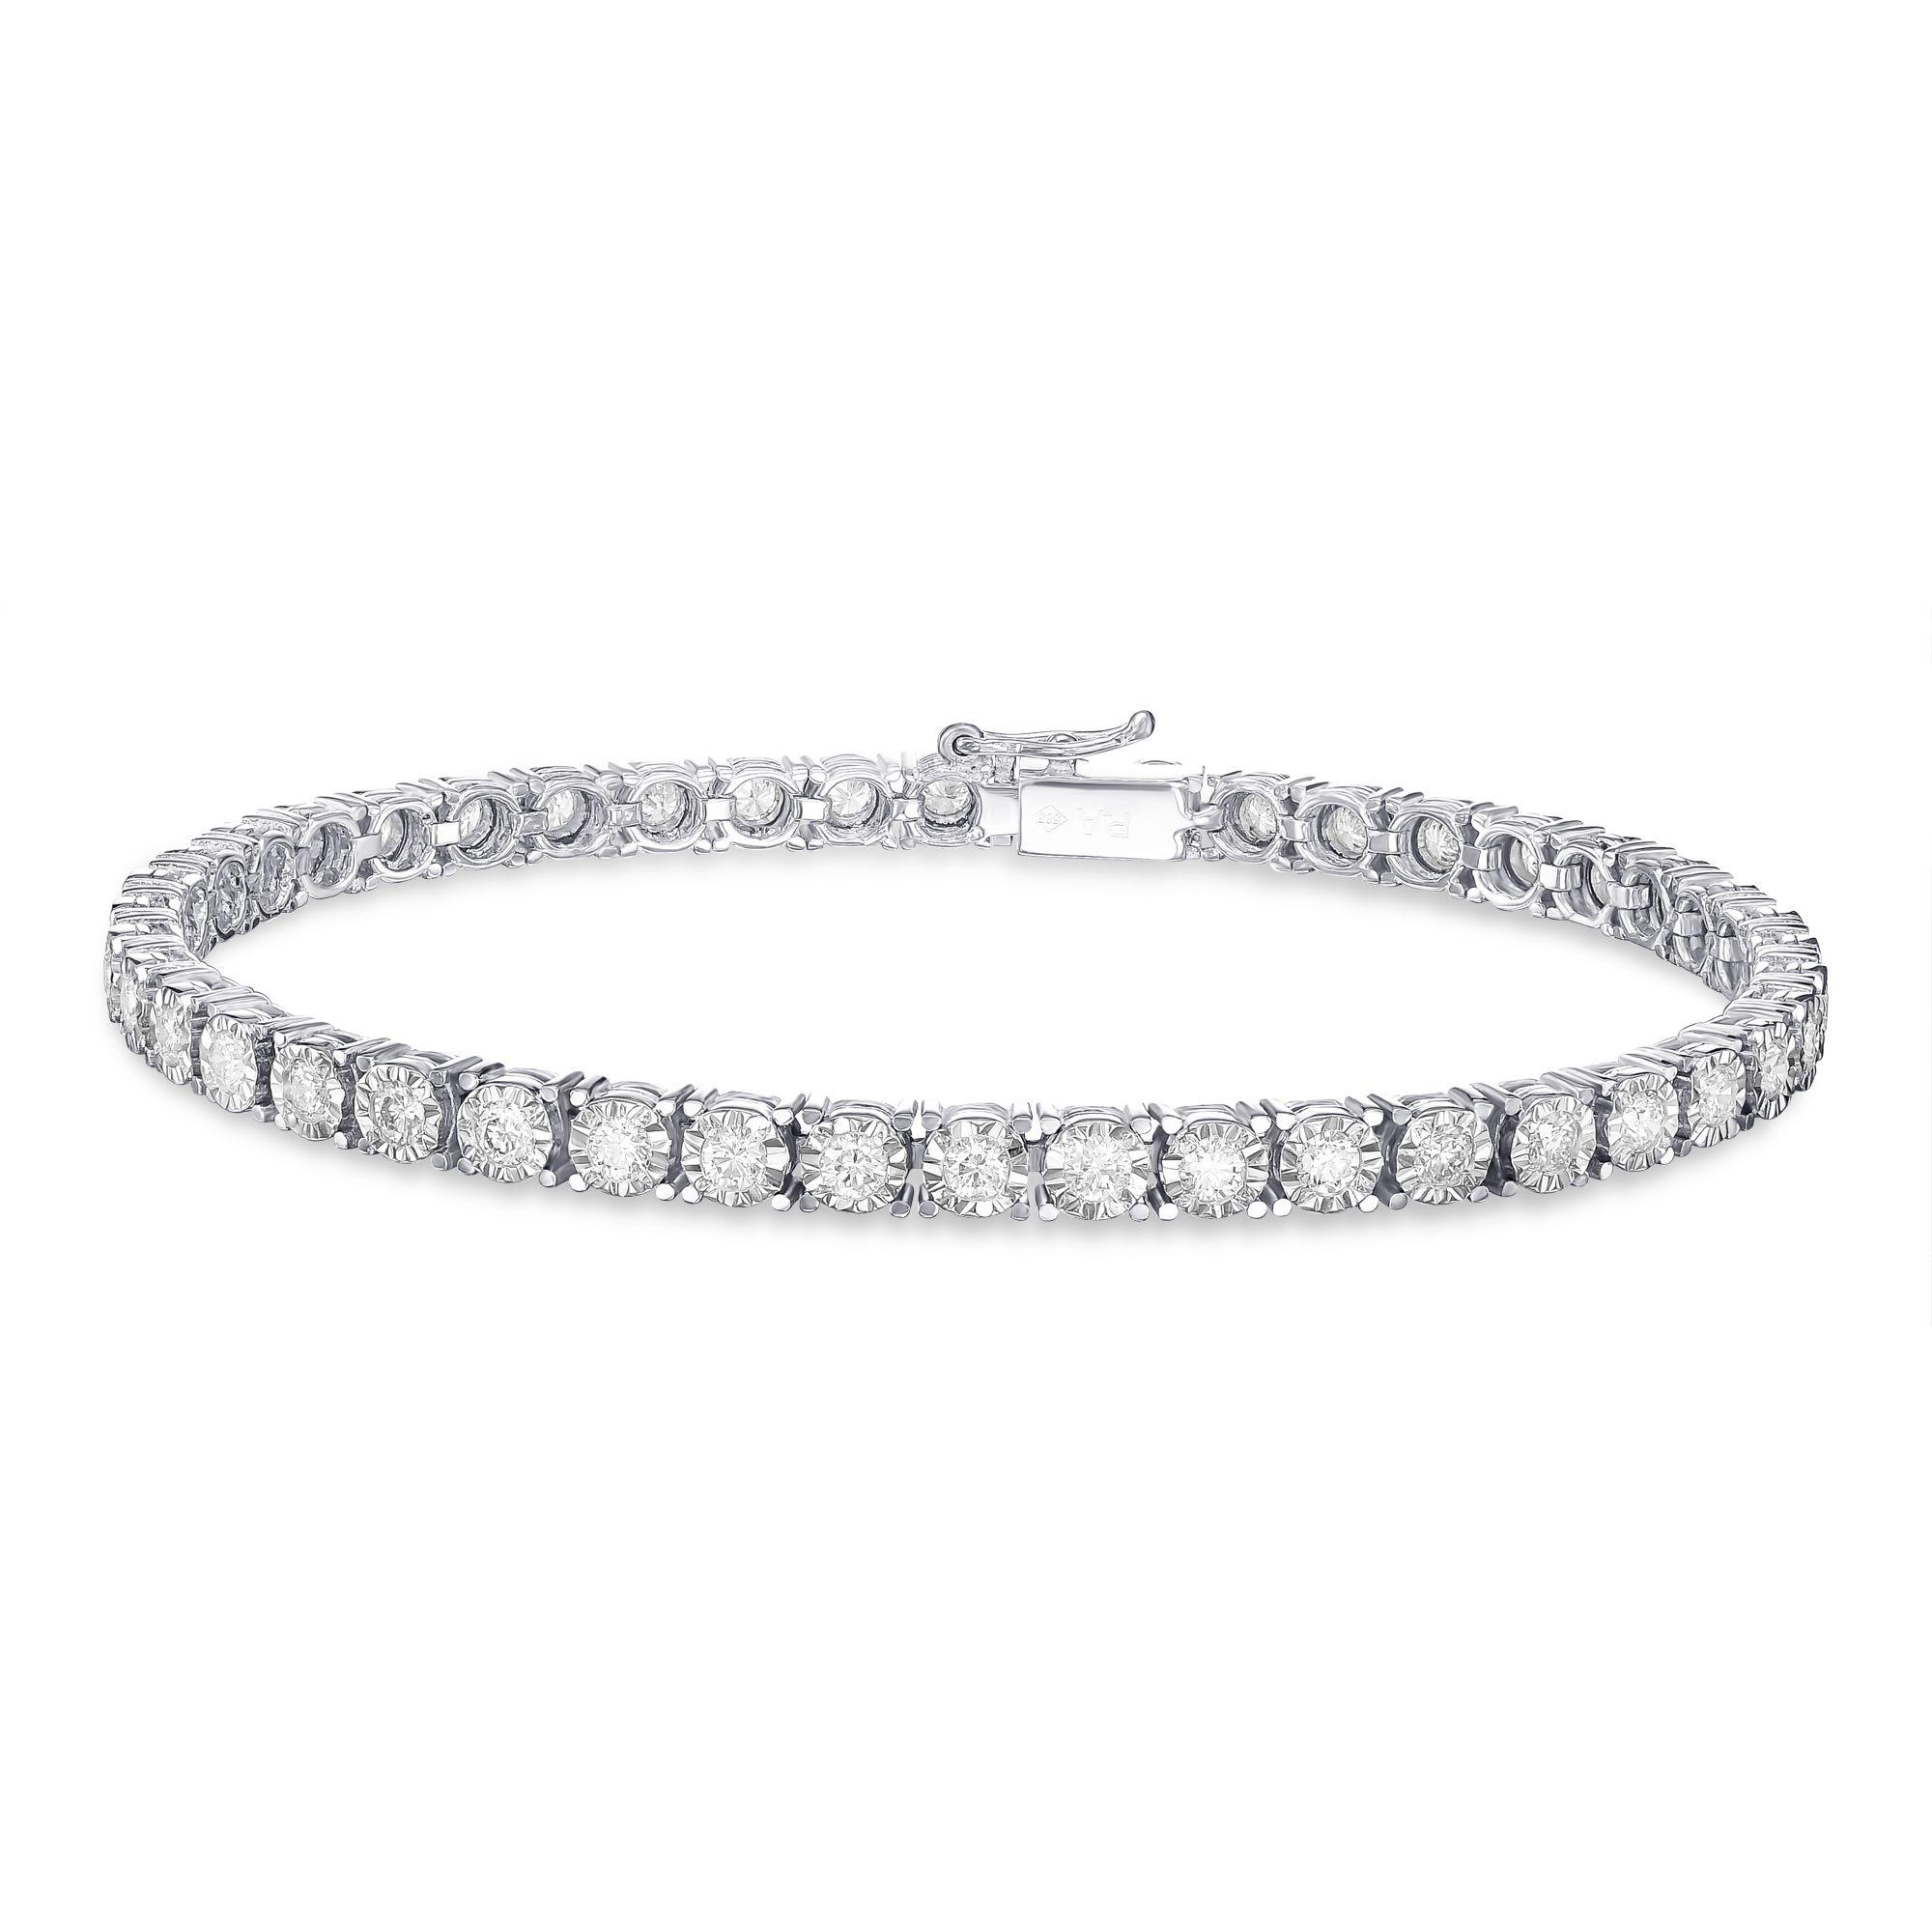 2.50 carat, Illusion Tennis Bracelet, G-H color, 14K